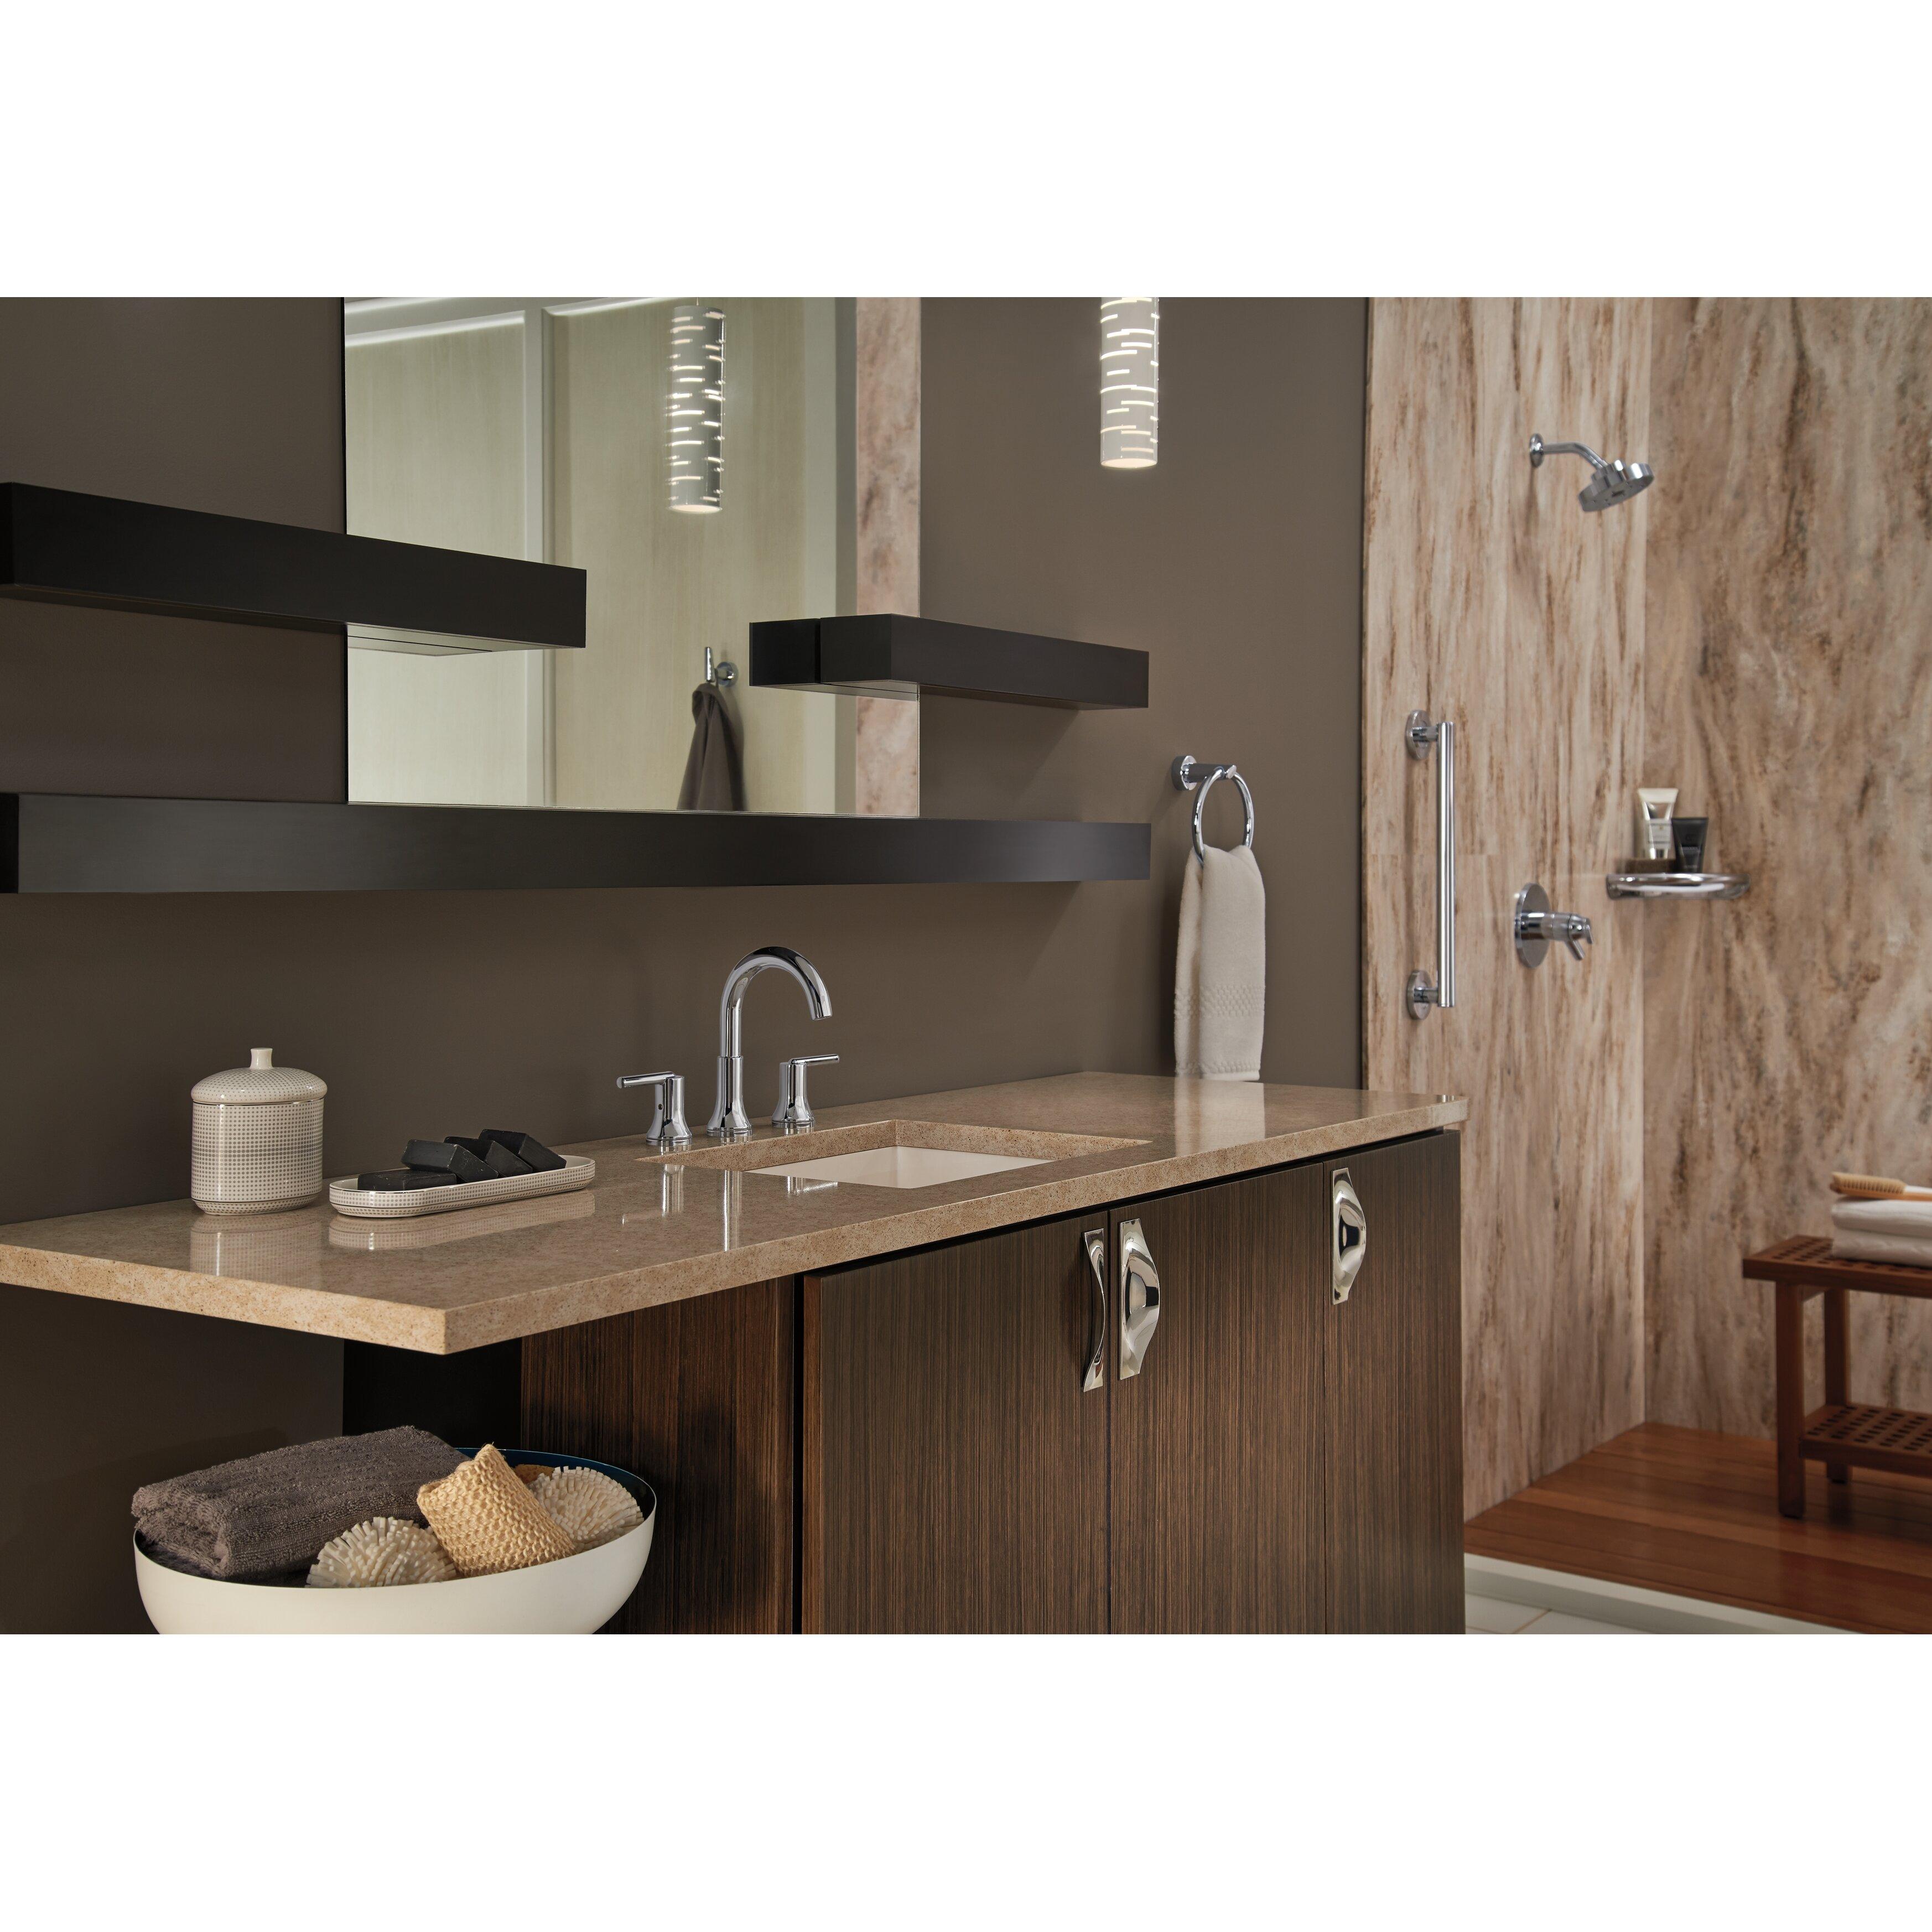 Country Bathroom Faucets Delta Trinsicar Bathroom Standard Faucet Lever Handle Bathroom